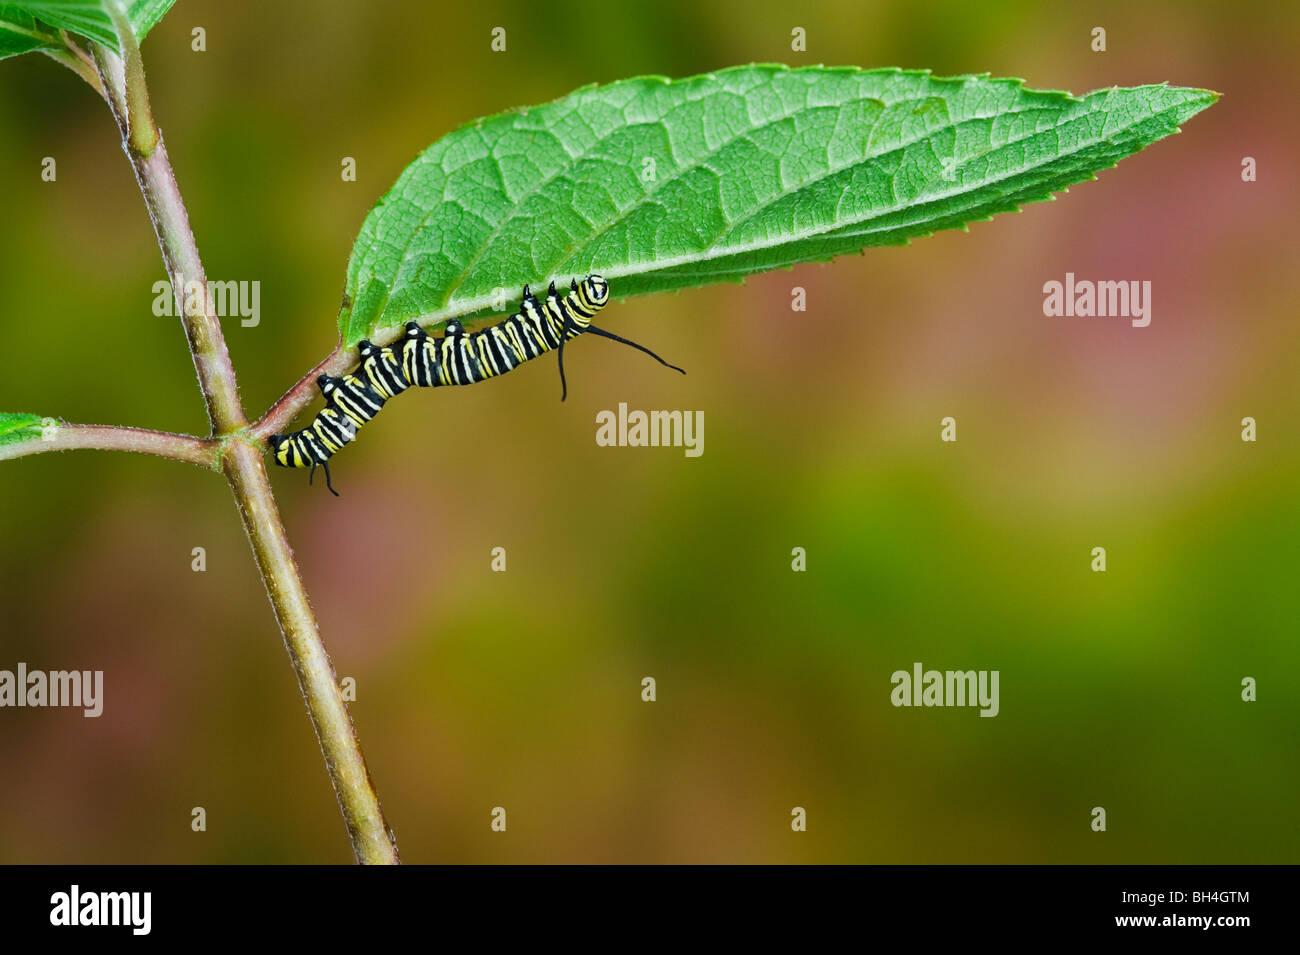 La oruga de la mariposa monarca en la hoja, preparándose para la transformación de larva a pupa, Nova Scotia. Serie de 4 imágenes Foto de stock